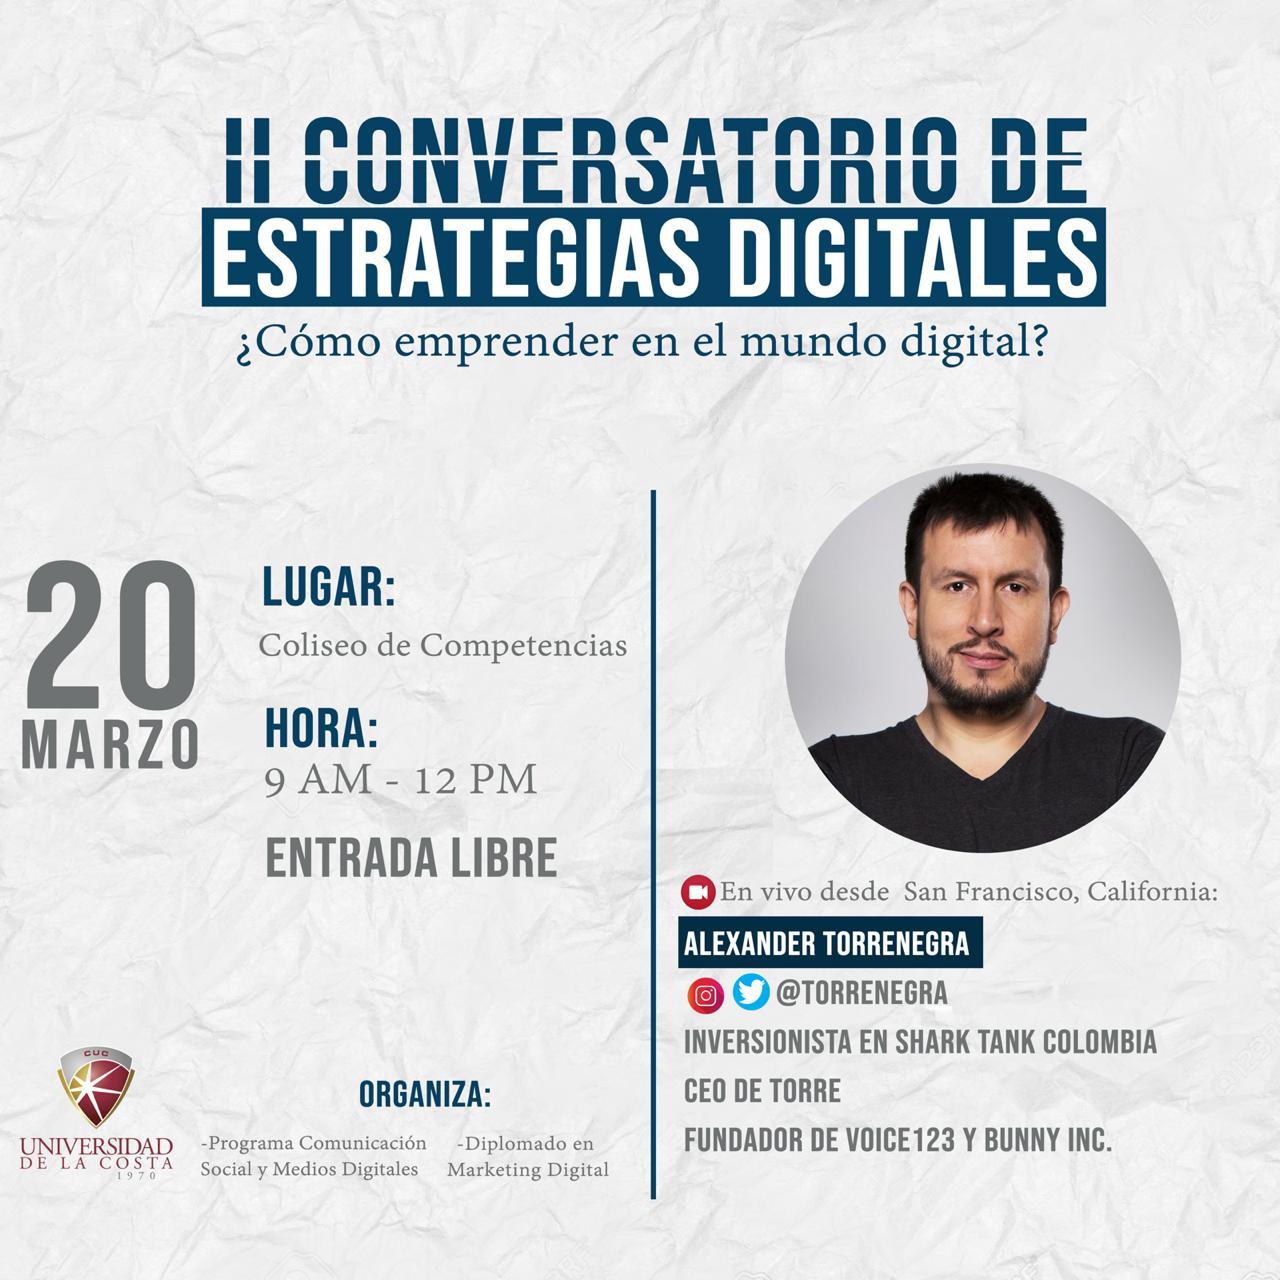 conversatorio estrategias digitales 2